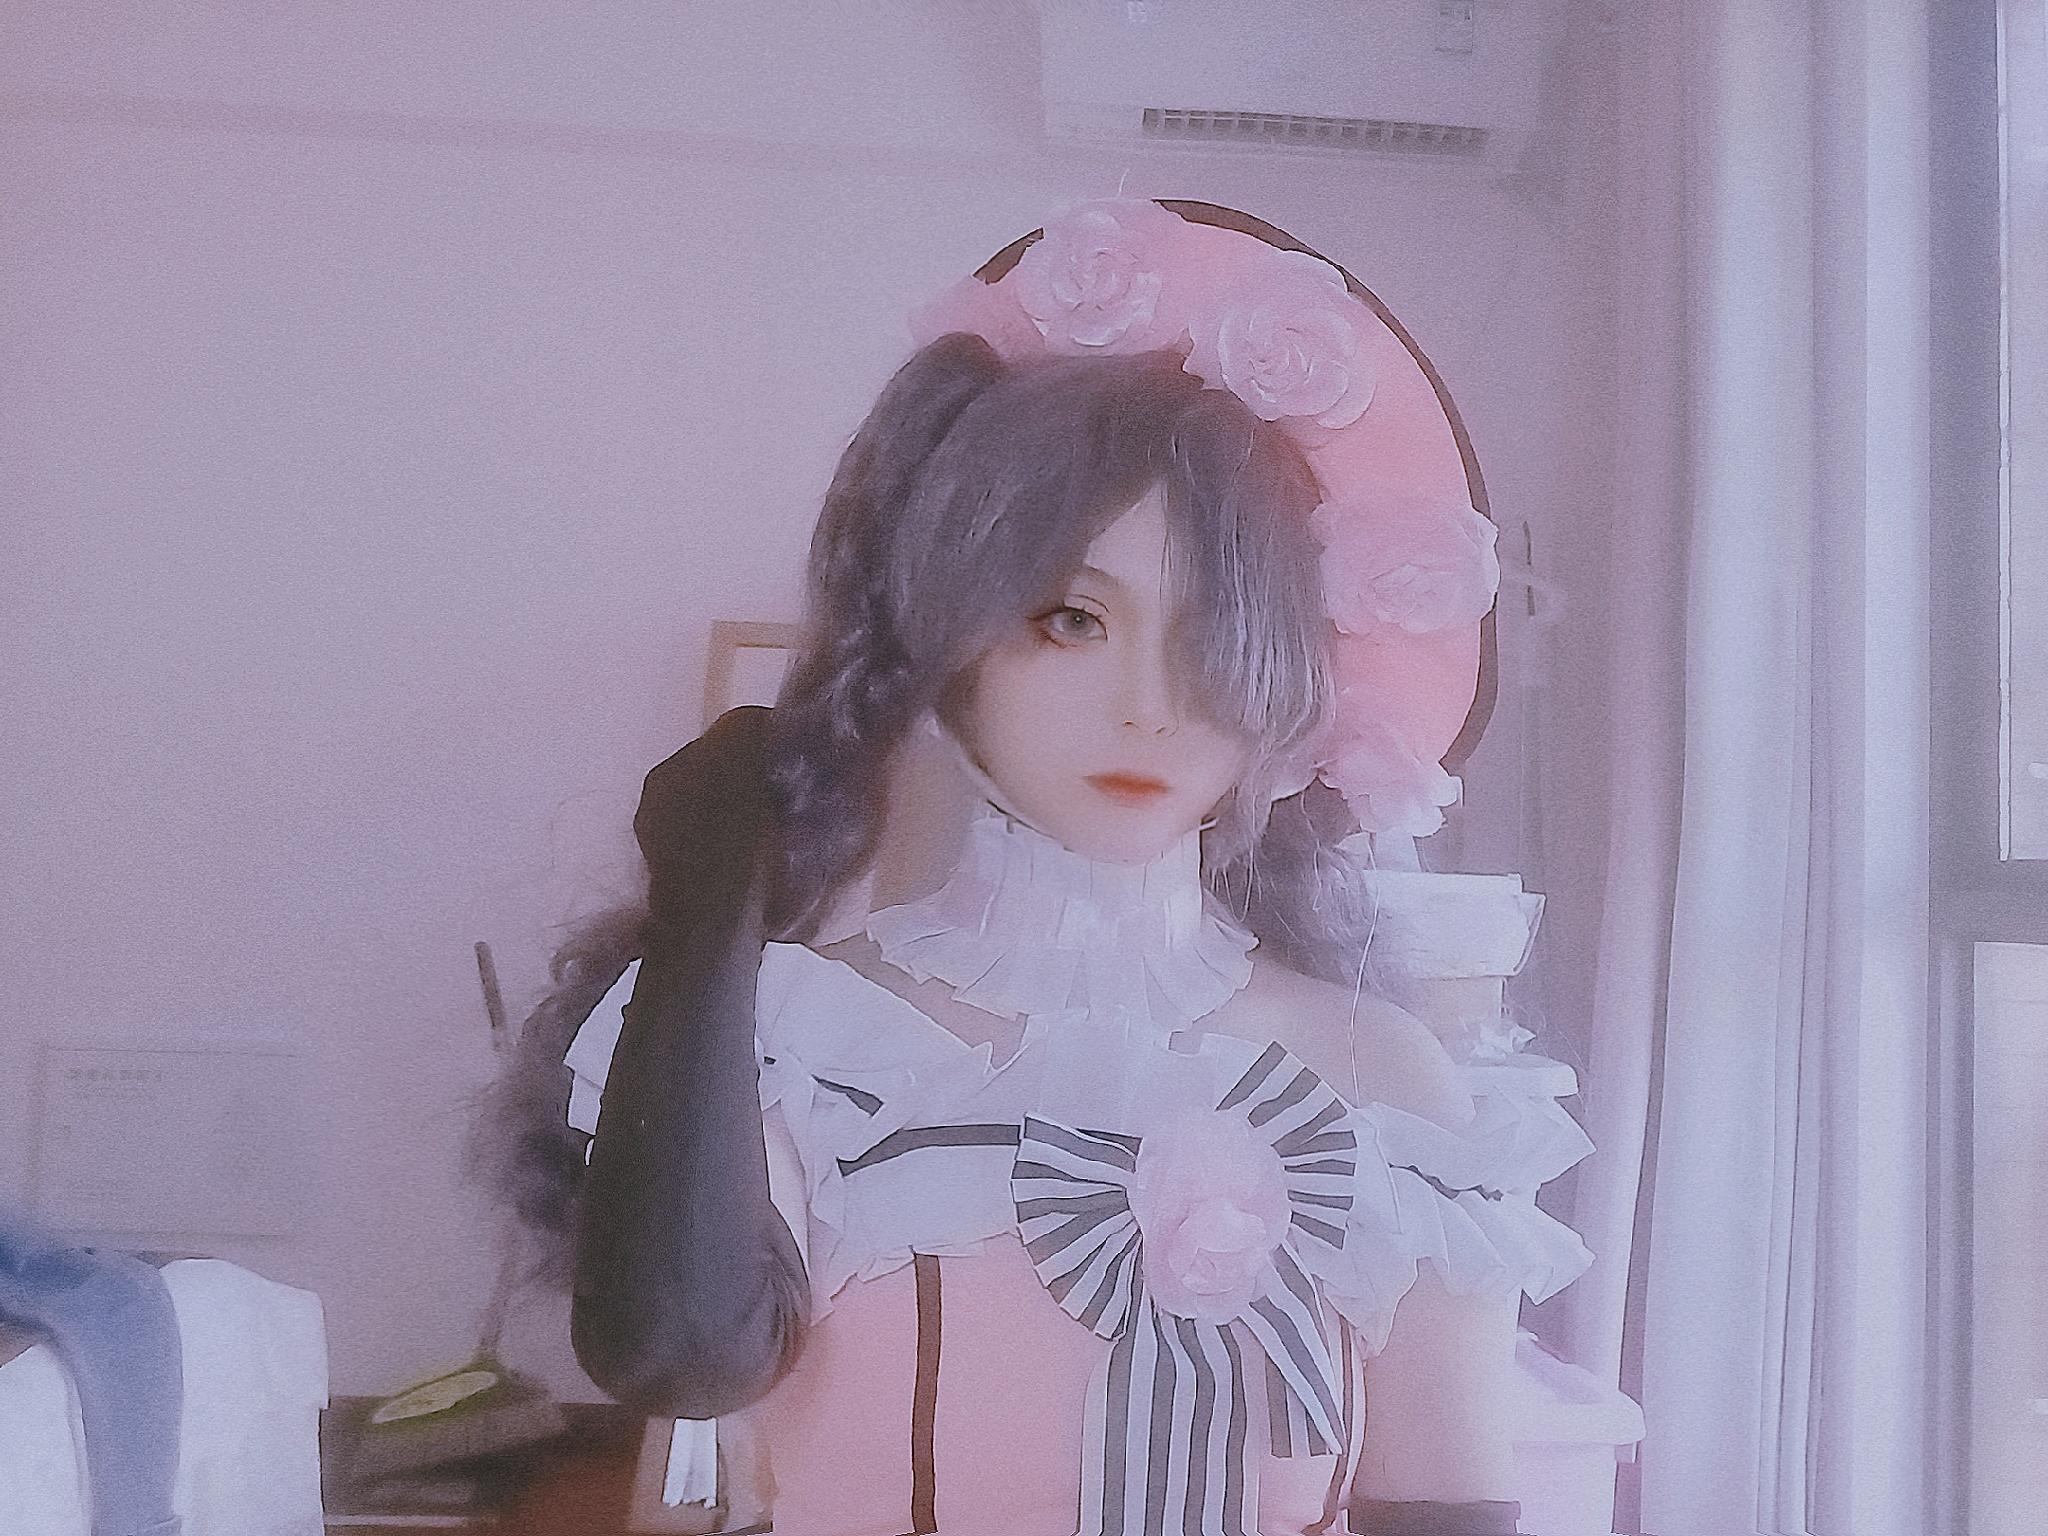 《黑执事》黑执事夏尔cosplay【CN:薯片今天喝可乐了吗】-第3张